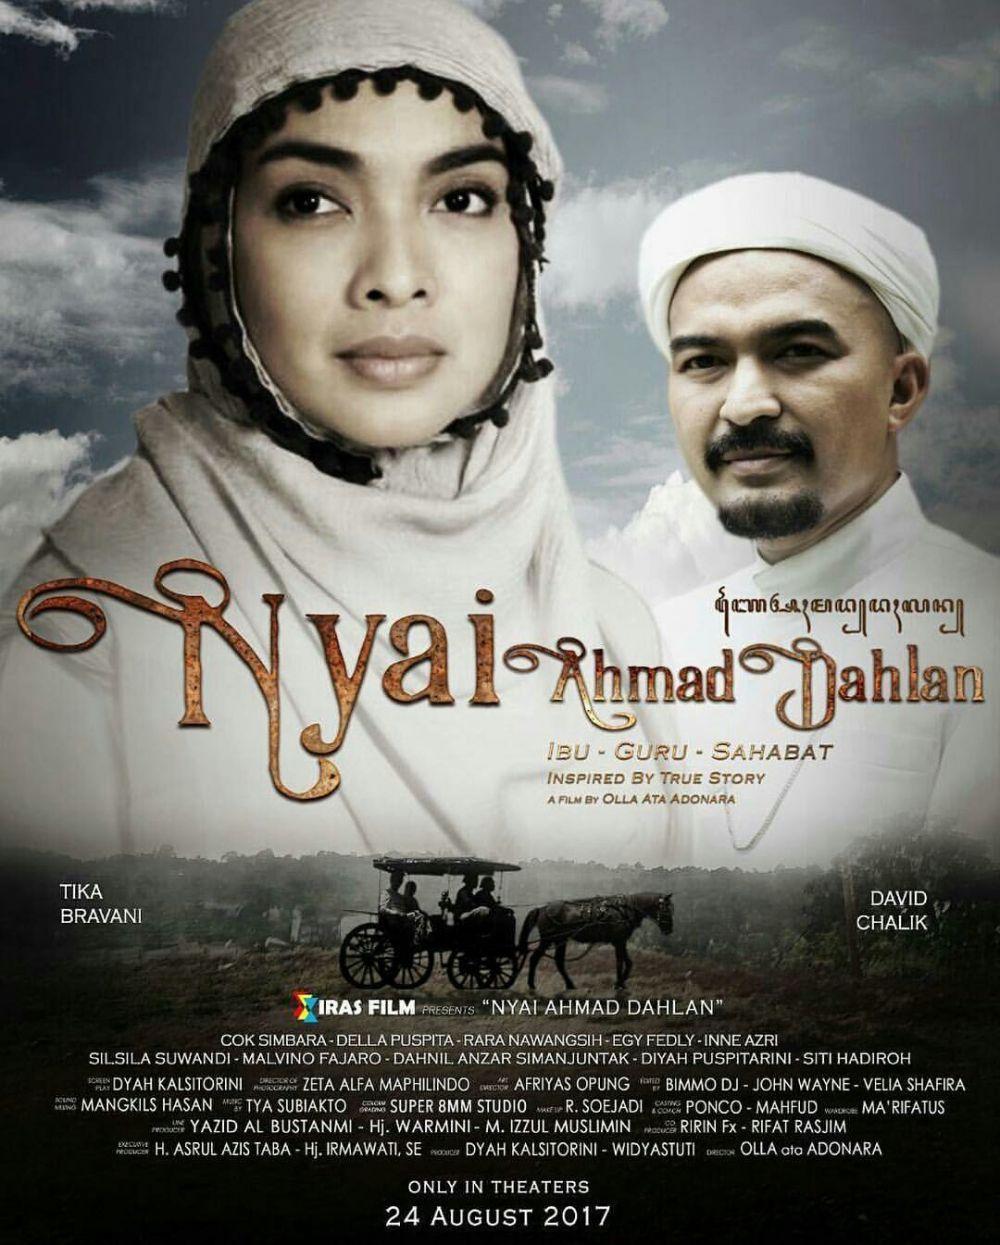 5 Film Terbaik Tentang Perjuangan Wanita Indonesia, Inspiratif!